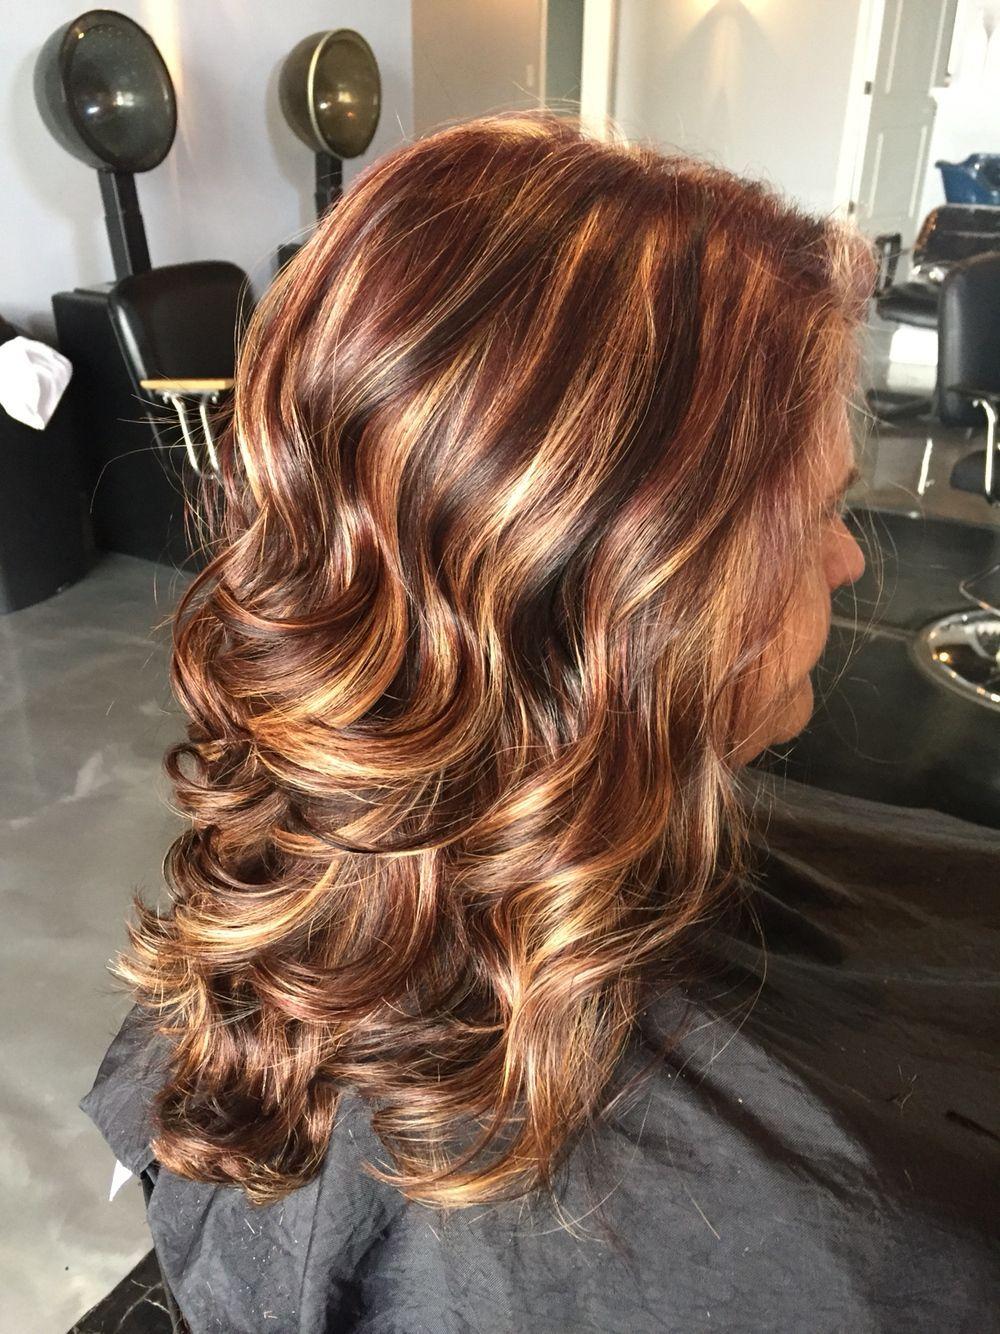 Photo of 30 Neueste und exklusive Lowlights für braunes Haar »Frisuren 2019 Neue Haarschnitte und Haarfarben